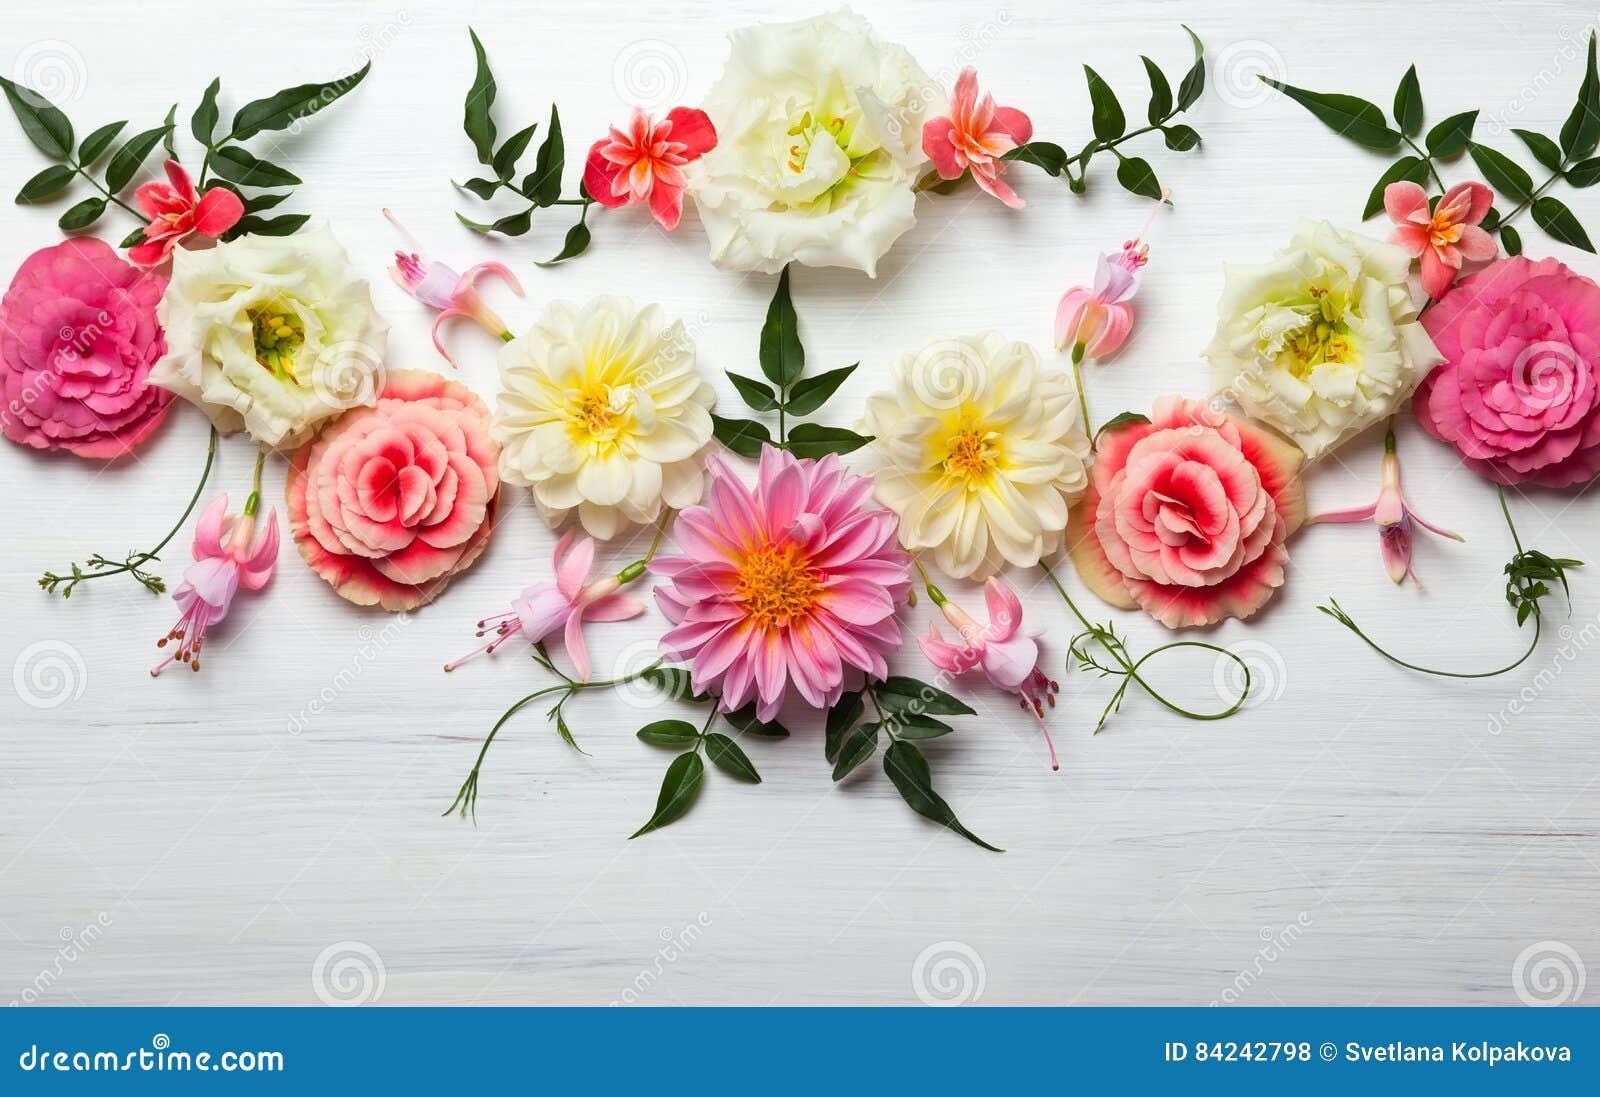 Composition de fleur photo stock image 84242798 - Composition de fleur ...